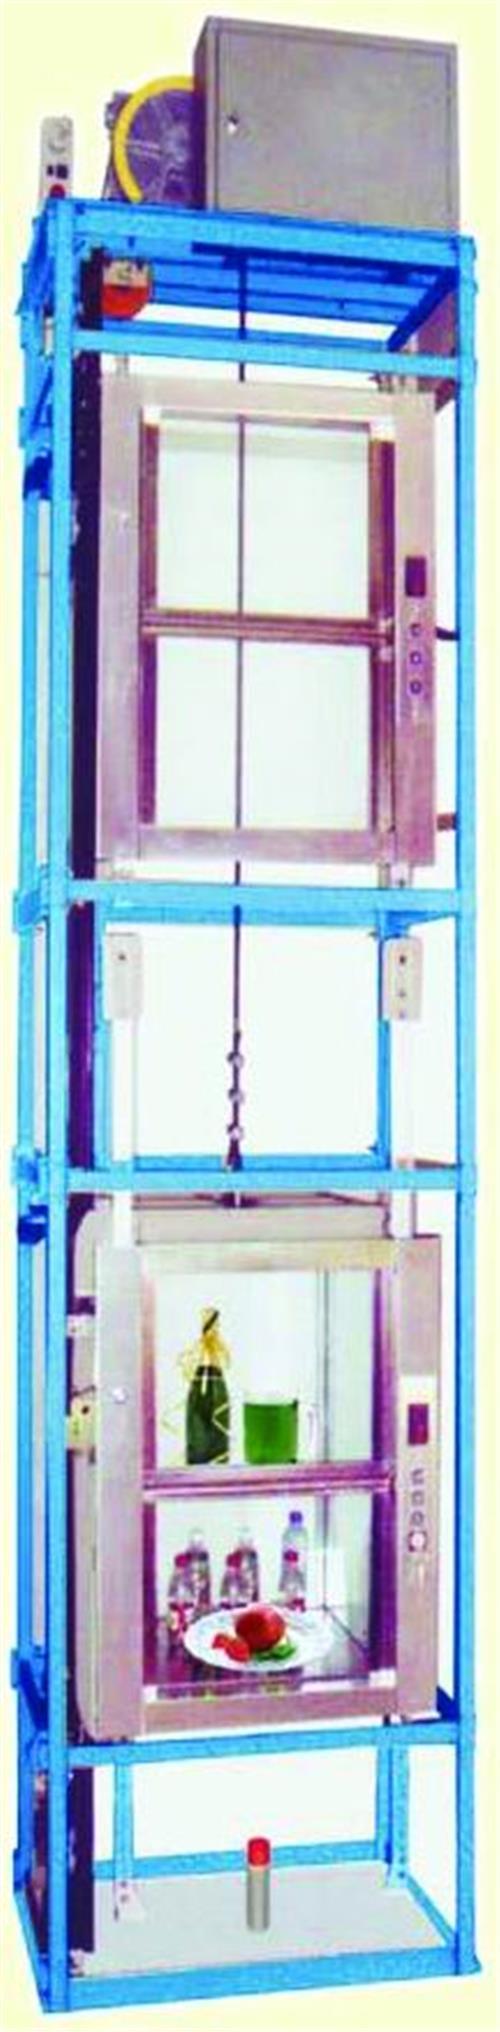  电 梯 结 构    100kg—200kg杂物电梯整体为框架结构,无需